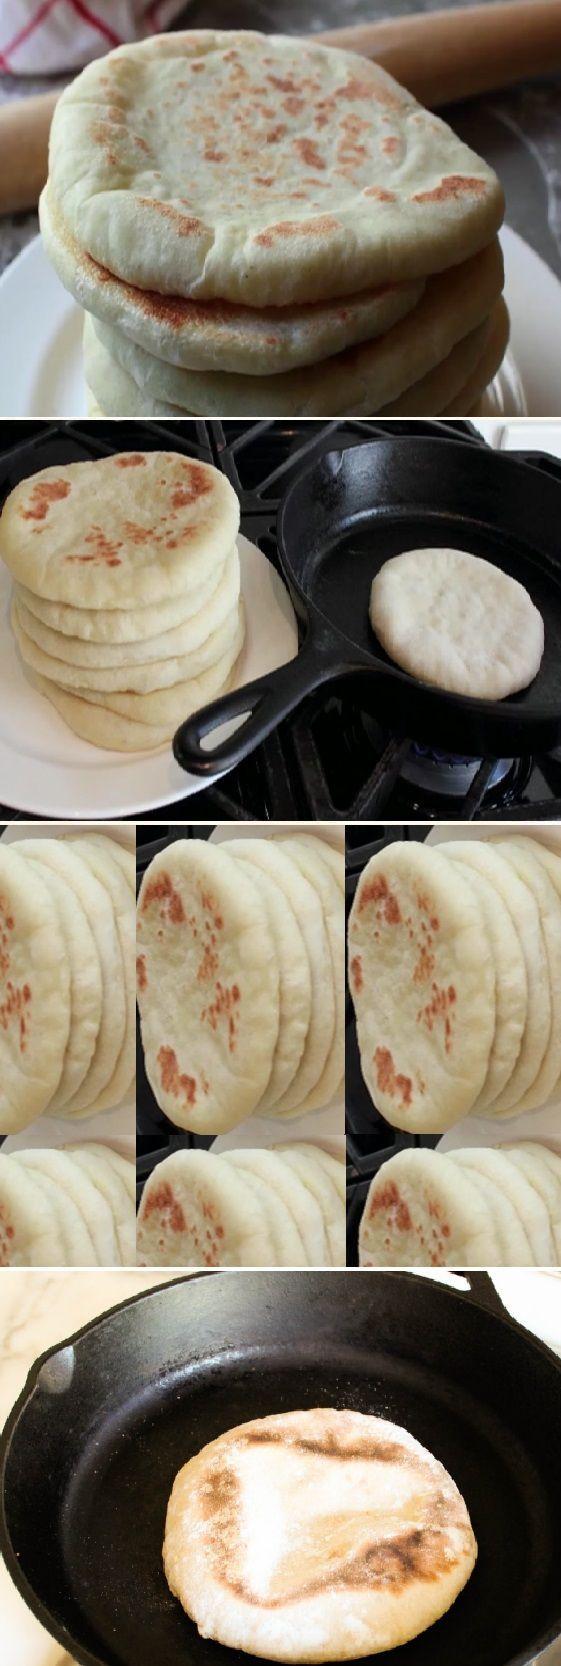 Descubre cómo hacer pan de pita casero: ¡riquísimo y sano! #pandepita #sano #pan #panfrances #pantone #panes #pantone #pan #receta #recipe #casero #torta #tartas #pastel #nestlecocina #bizcocho #bizcochuelo #tasty #cocina #chocolate Mézcla muy bien los 3 ingredientes hasta lograr una masa uniforme pero lí... #recetasdecocina